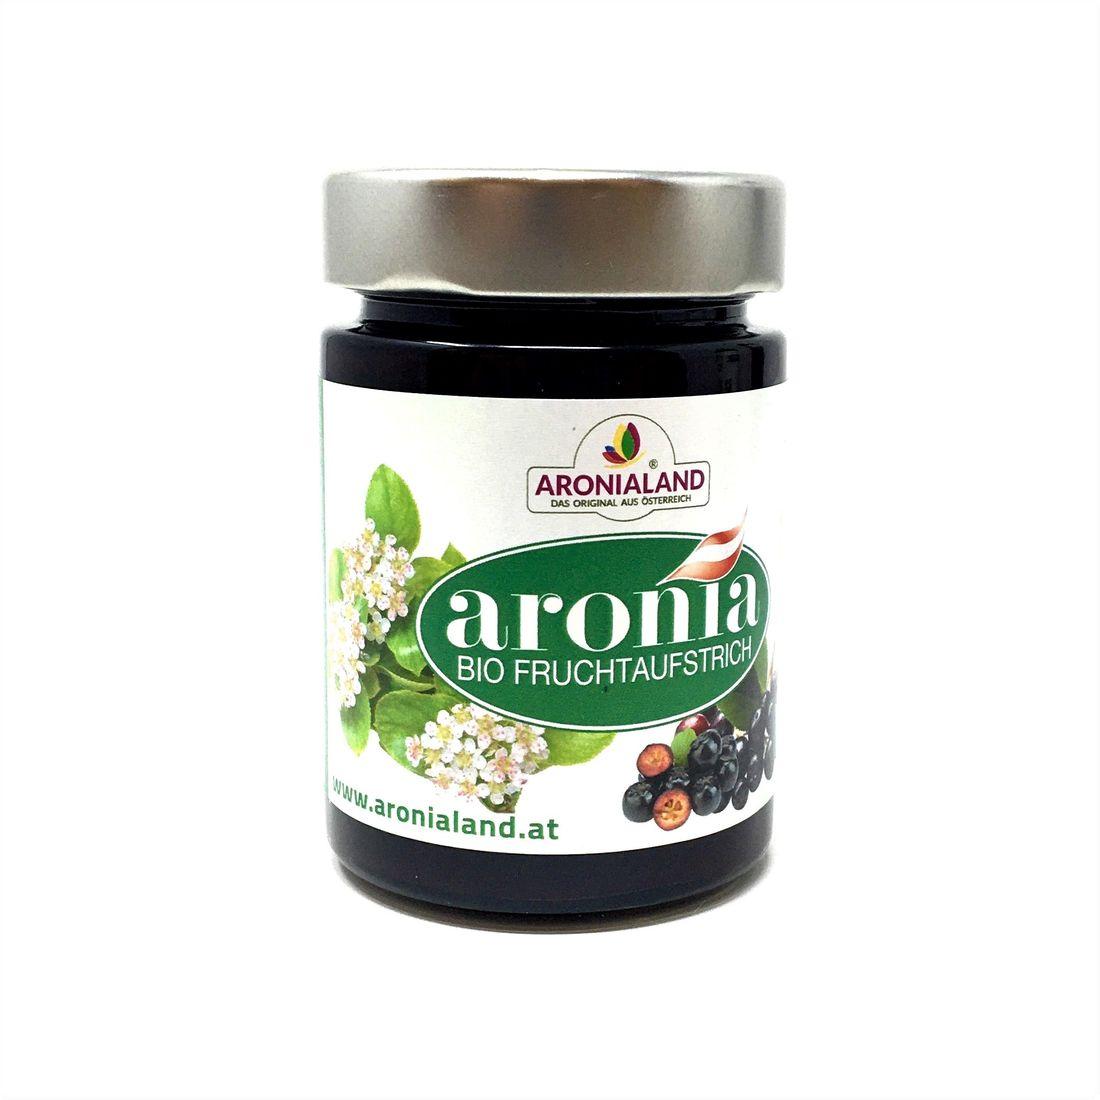 Aronia BIO - FRUCHTAUFSTRICH 210 g